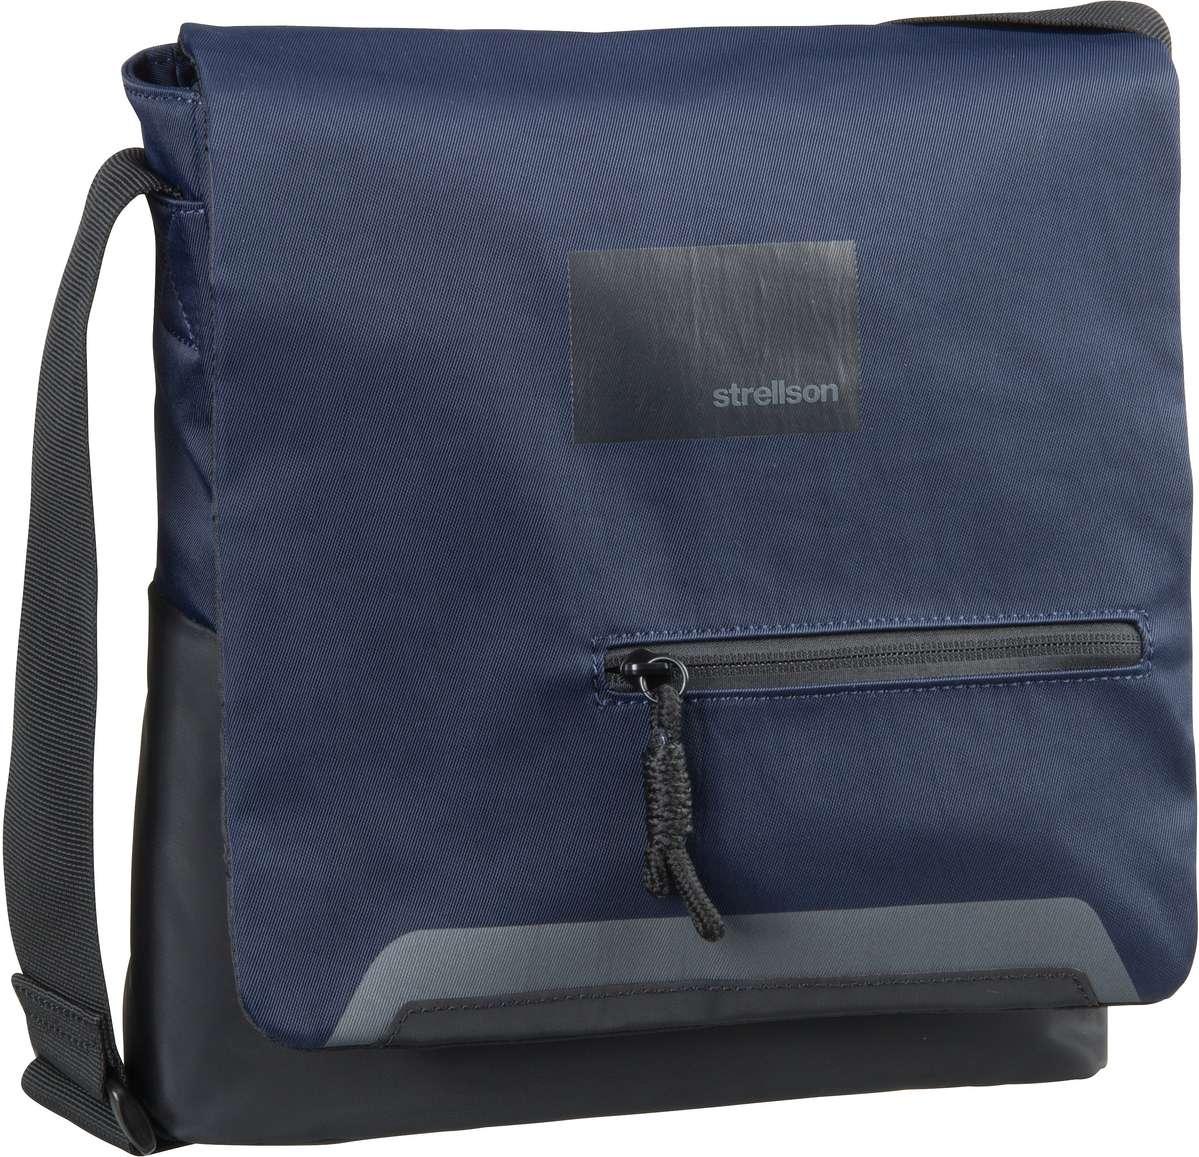 Jämlitz-Klein Düben Angebote Strellson Stanmore Shoulderbag MVF Dark Blue - Umhängetasche